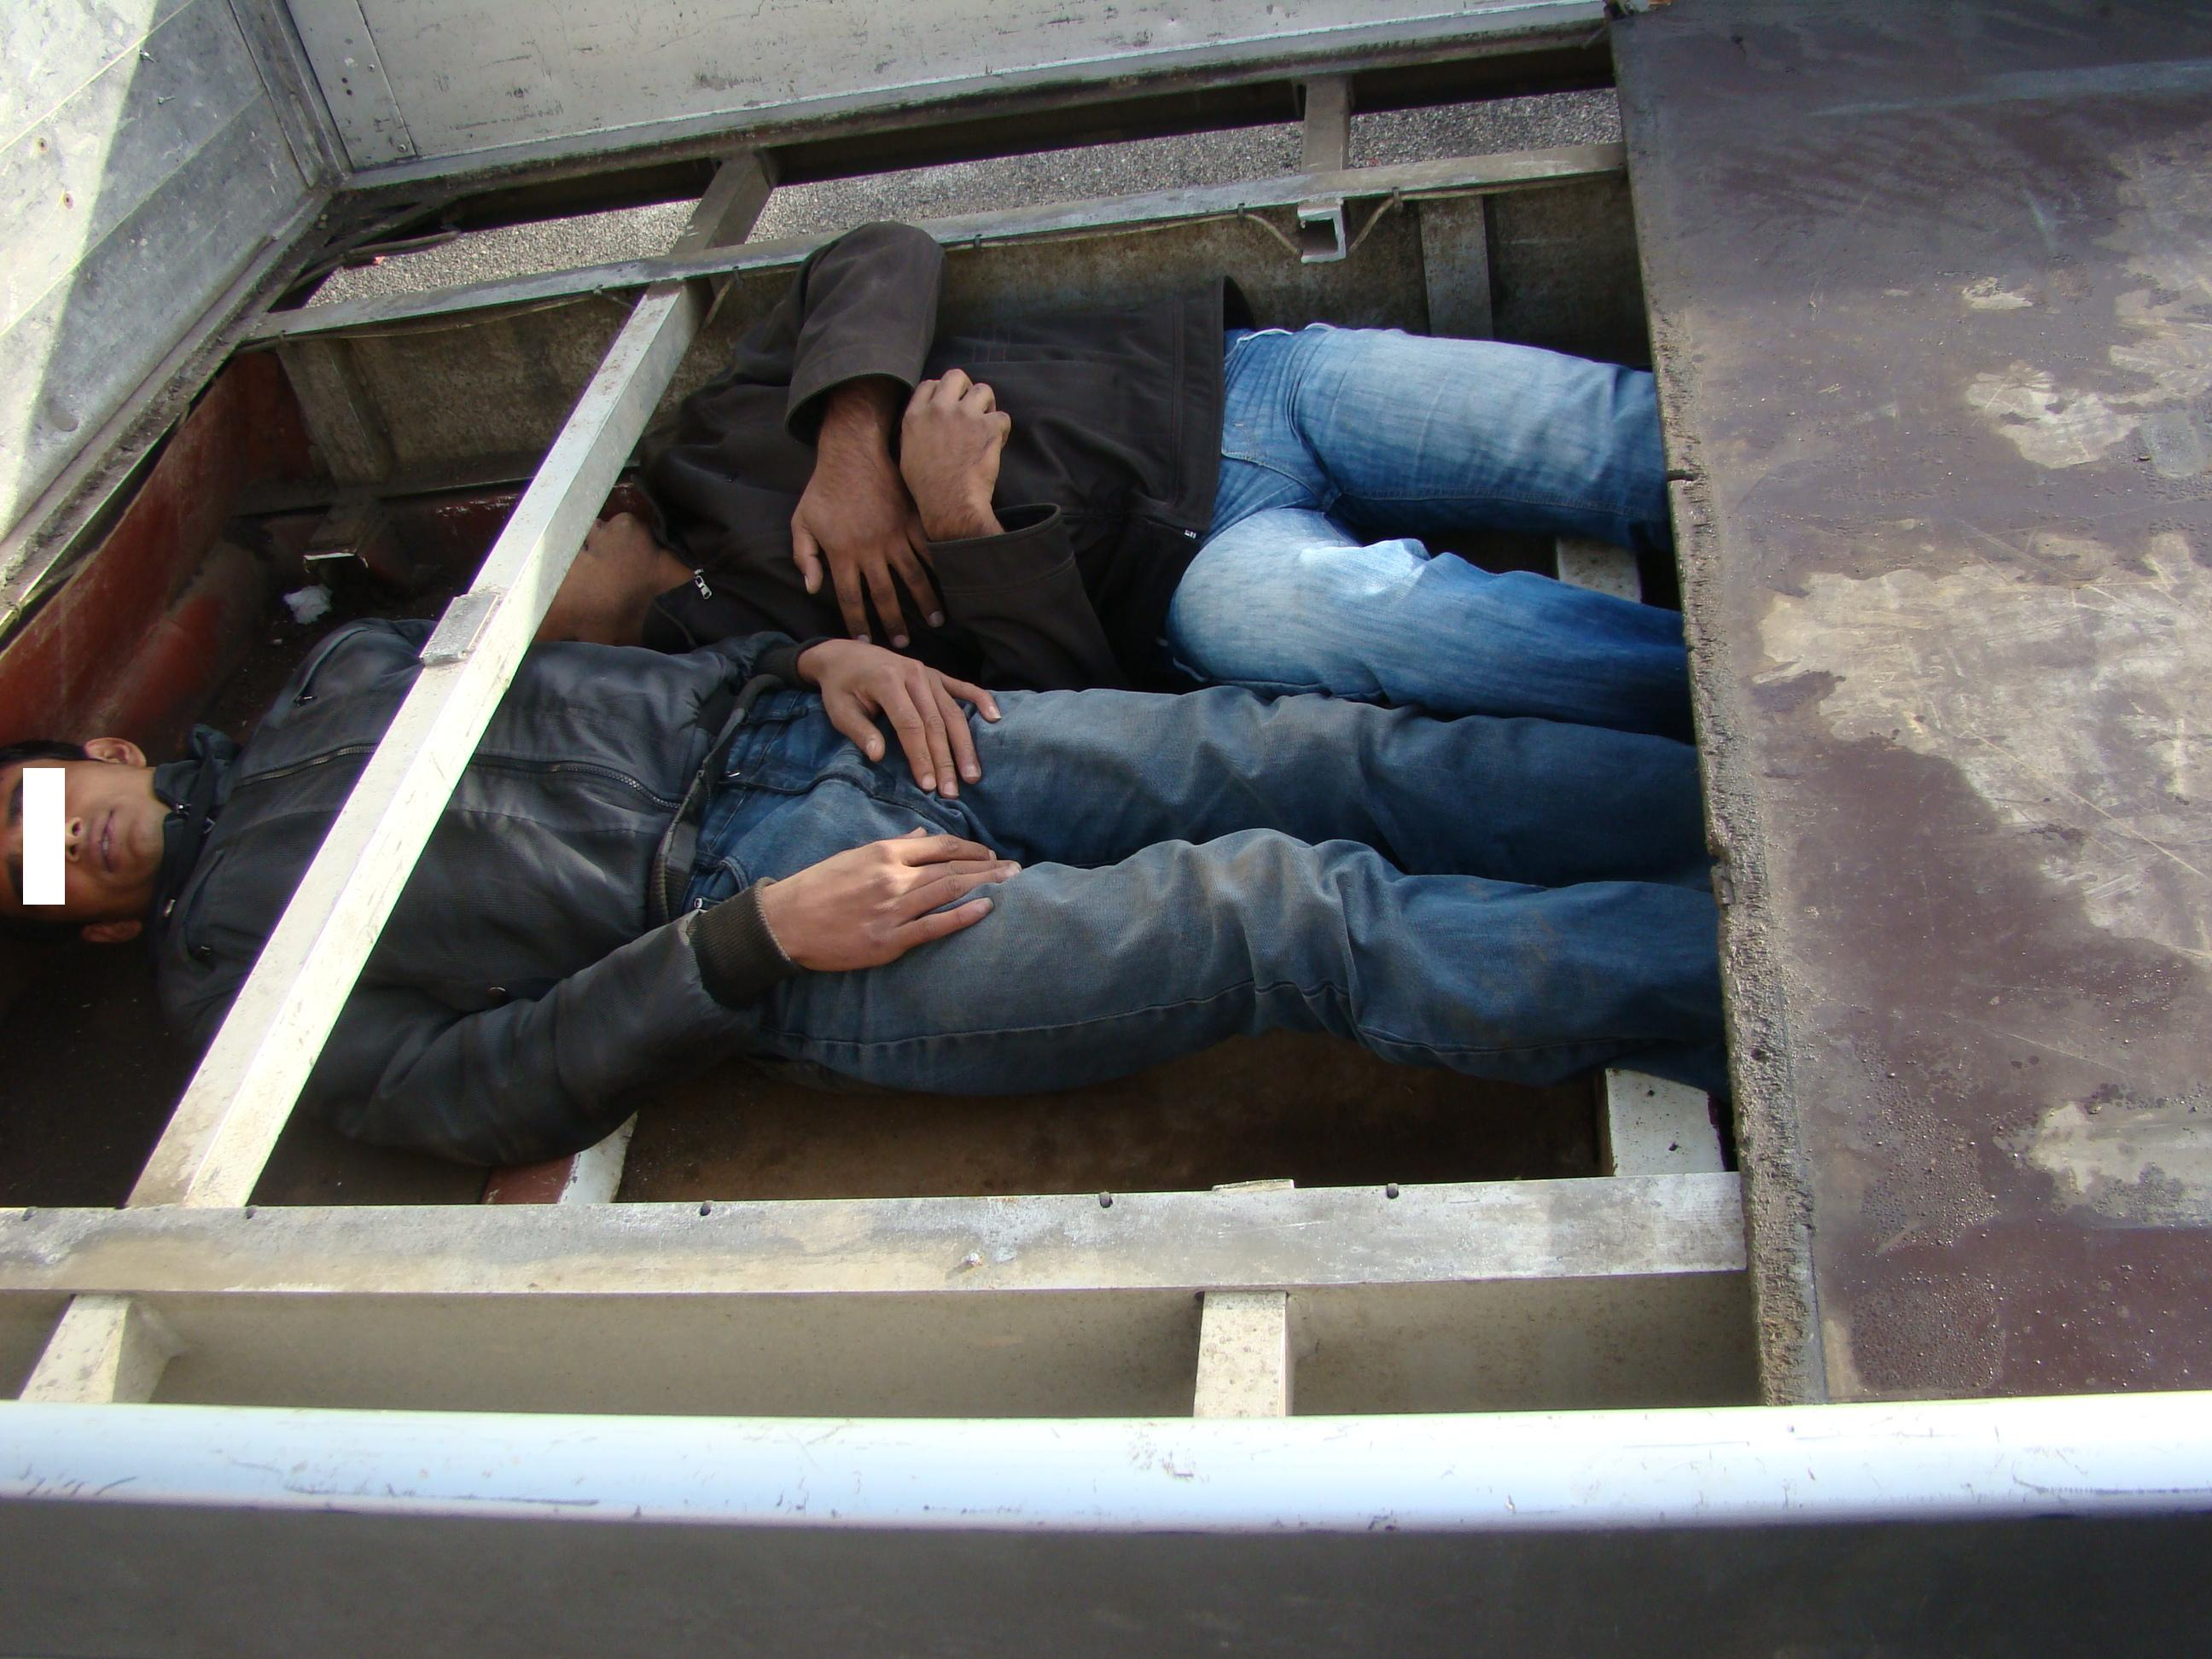 Zece pakistanezi au stat ca in conserve sub platformele a doua camioane pentru a iesi din tara